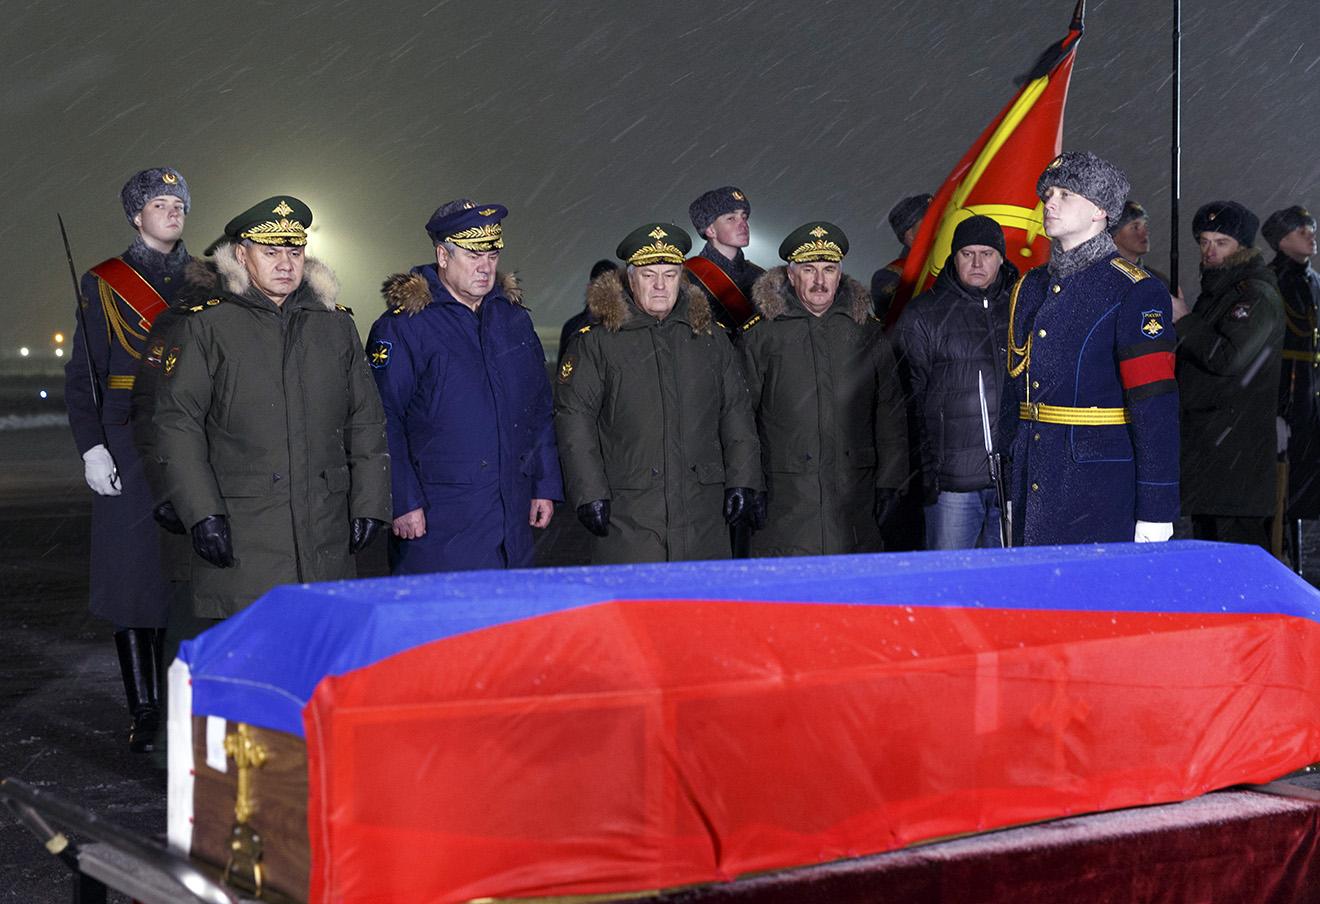 Гроб российского подполковника Олега Пешкова, транспортированный из Турции.